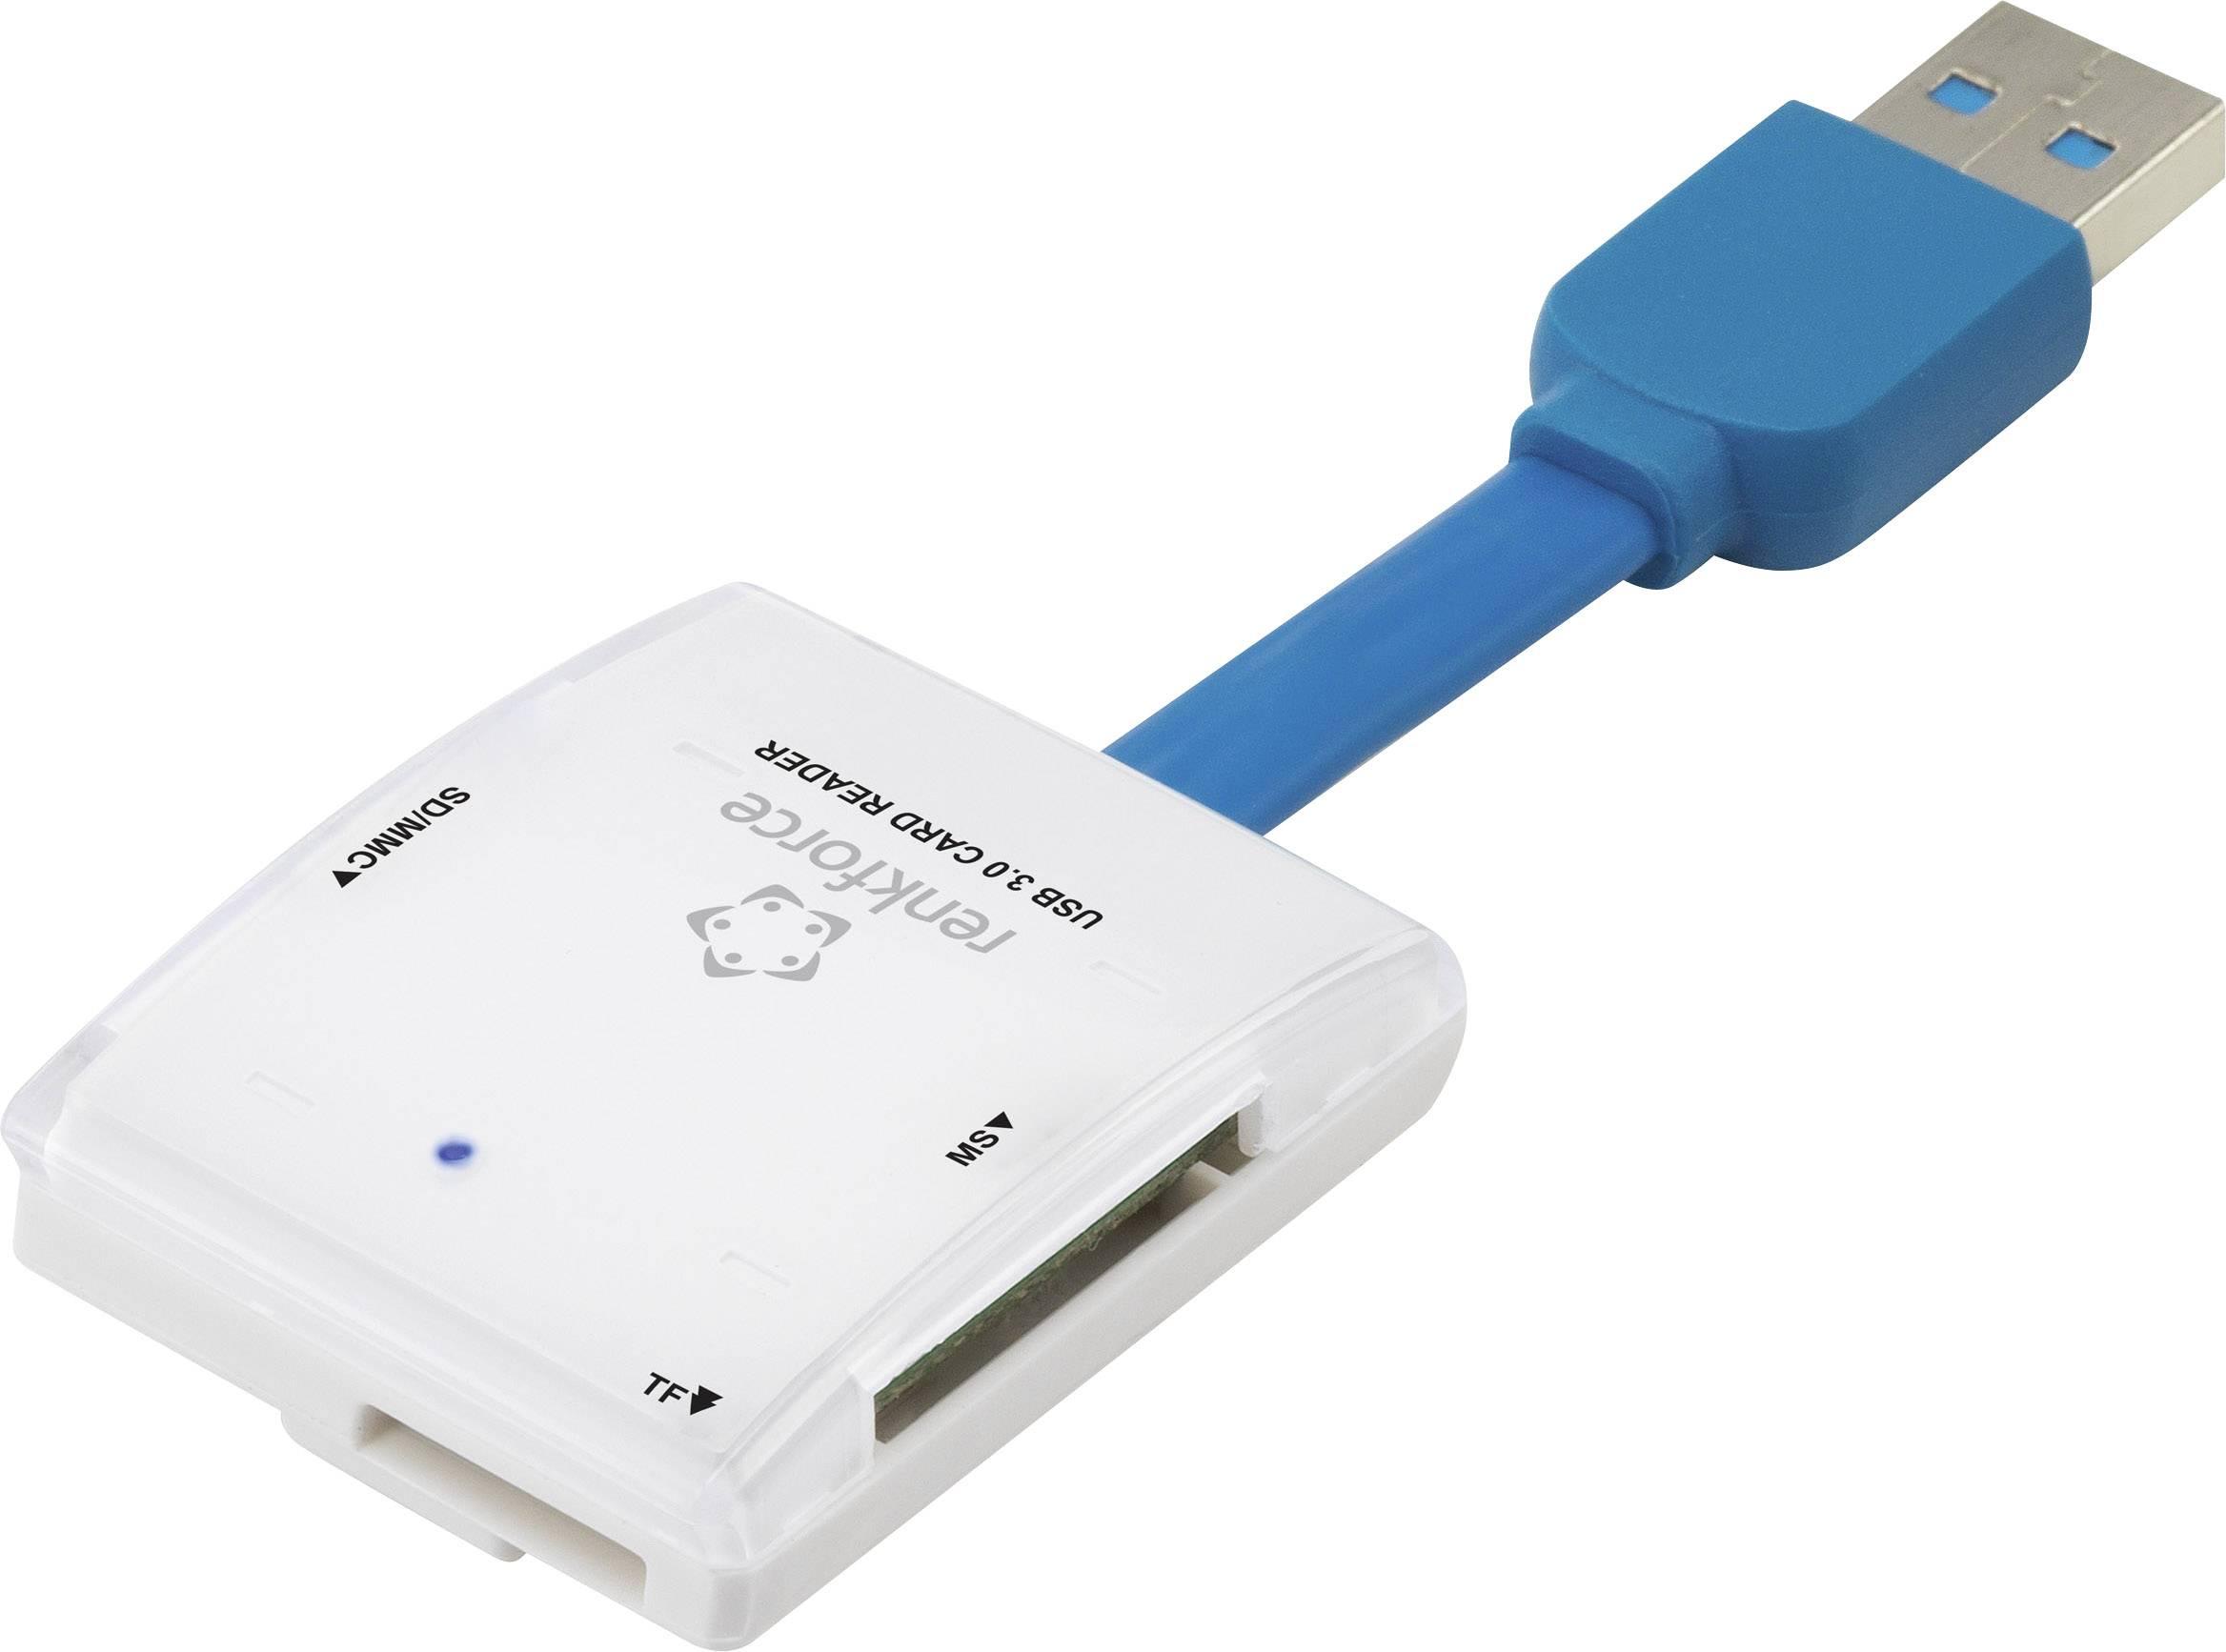 Externá čítačka pamäťových kariet RENKFORCE G-C3324, USB 3.0, biela